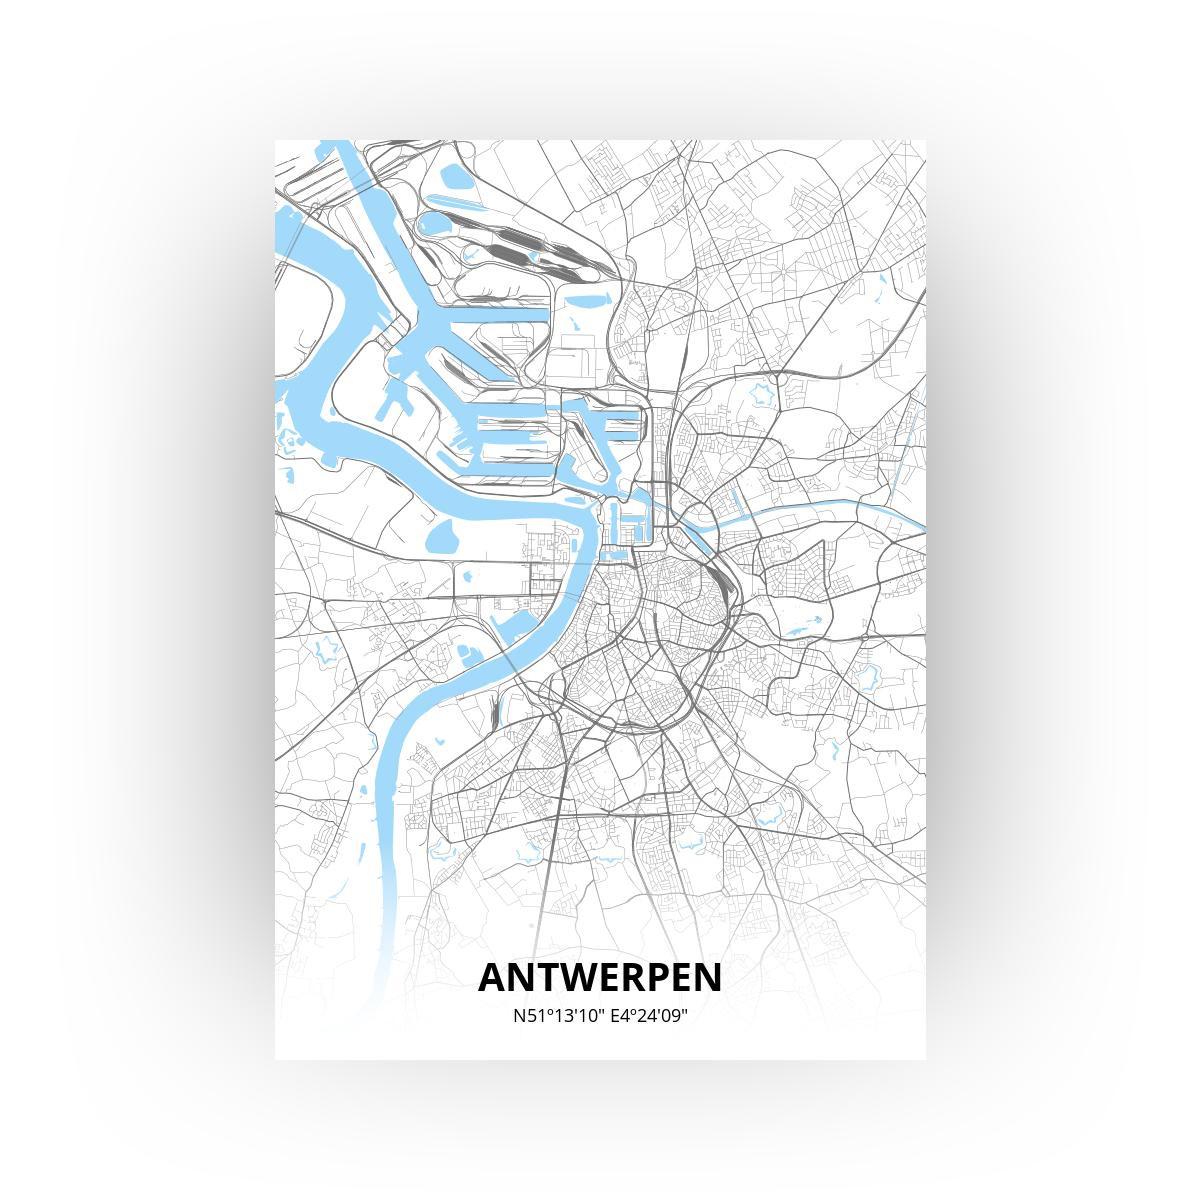 Antwerpen poster - Zelf aan te passen!